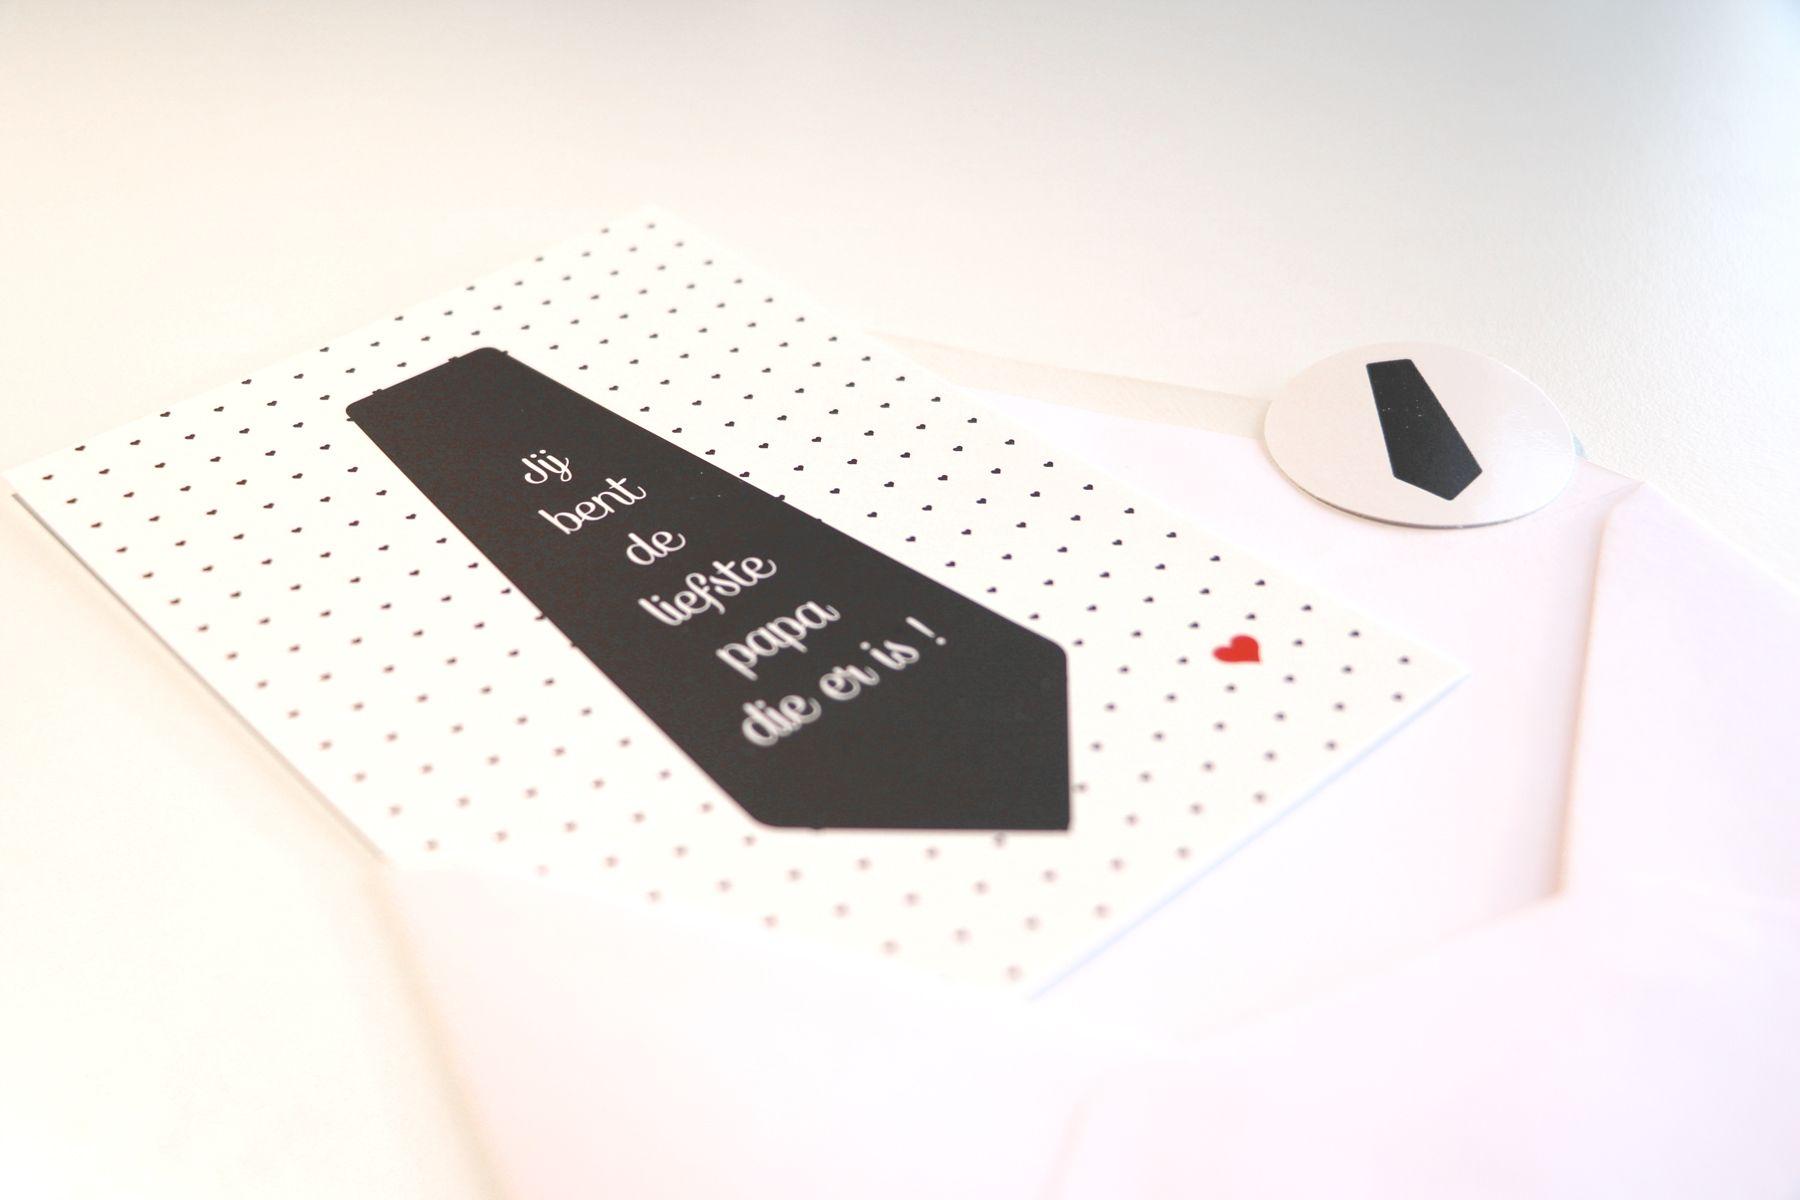 Postkaart A6 'Papa is de liefste' met sticker en witte enveloppe #madebythelittledots